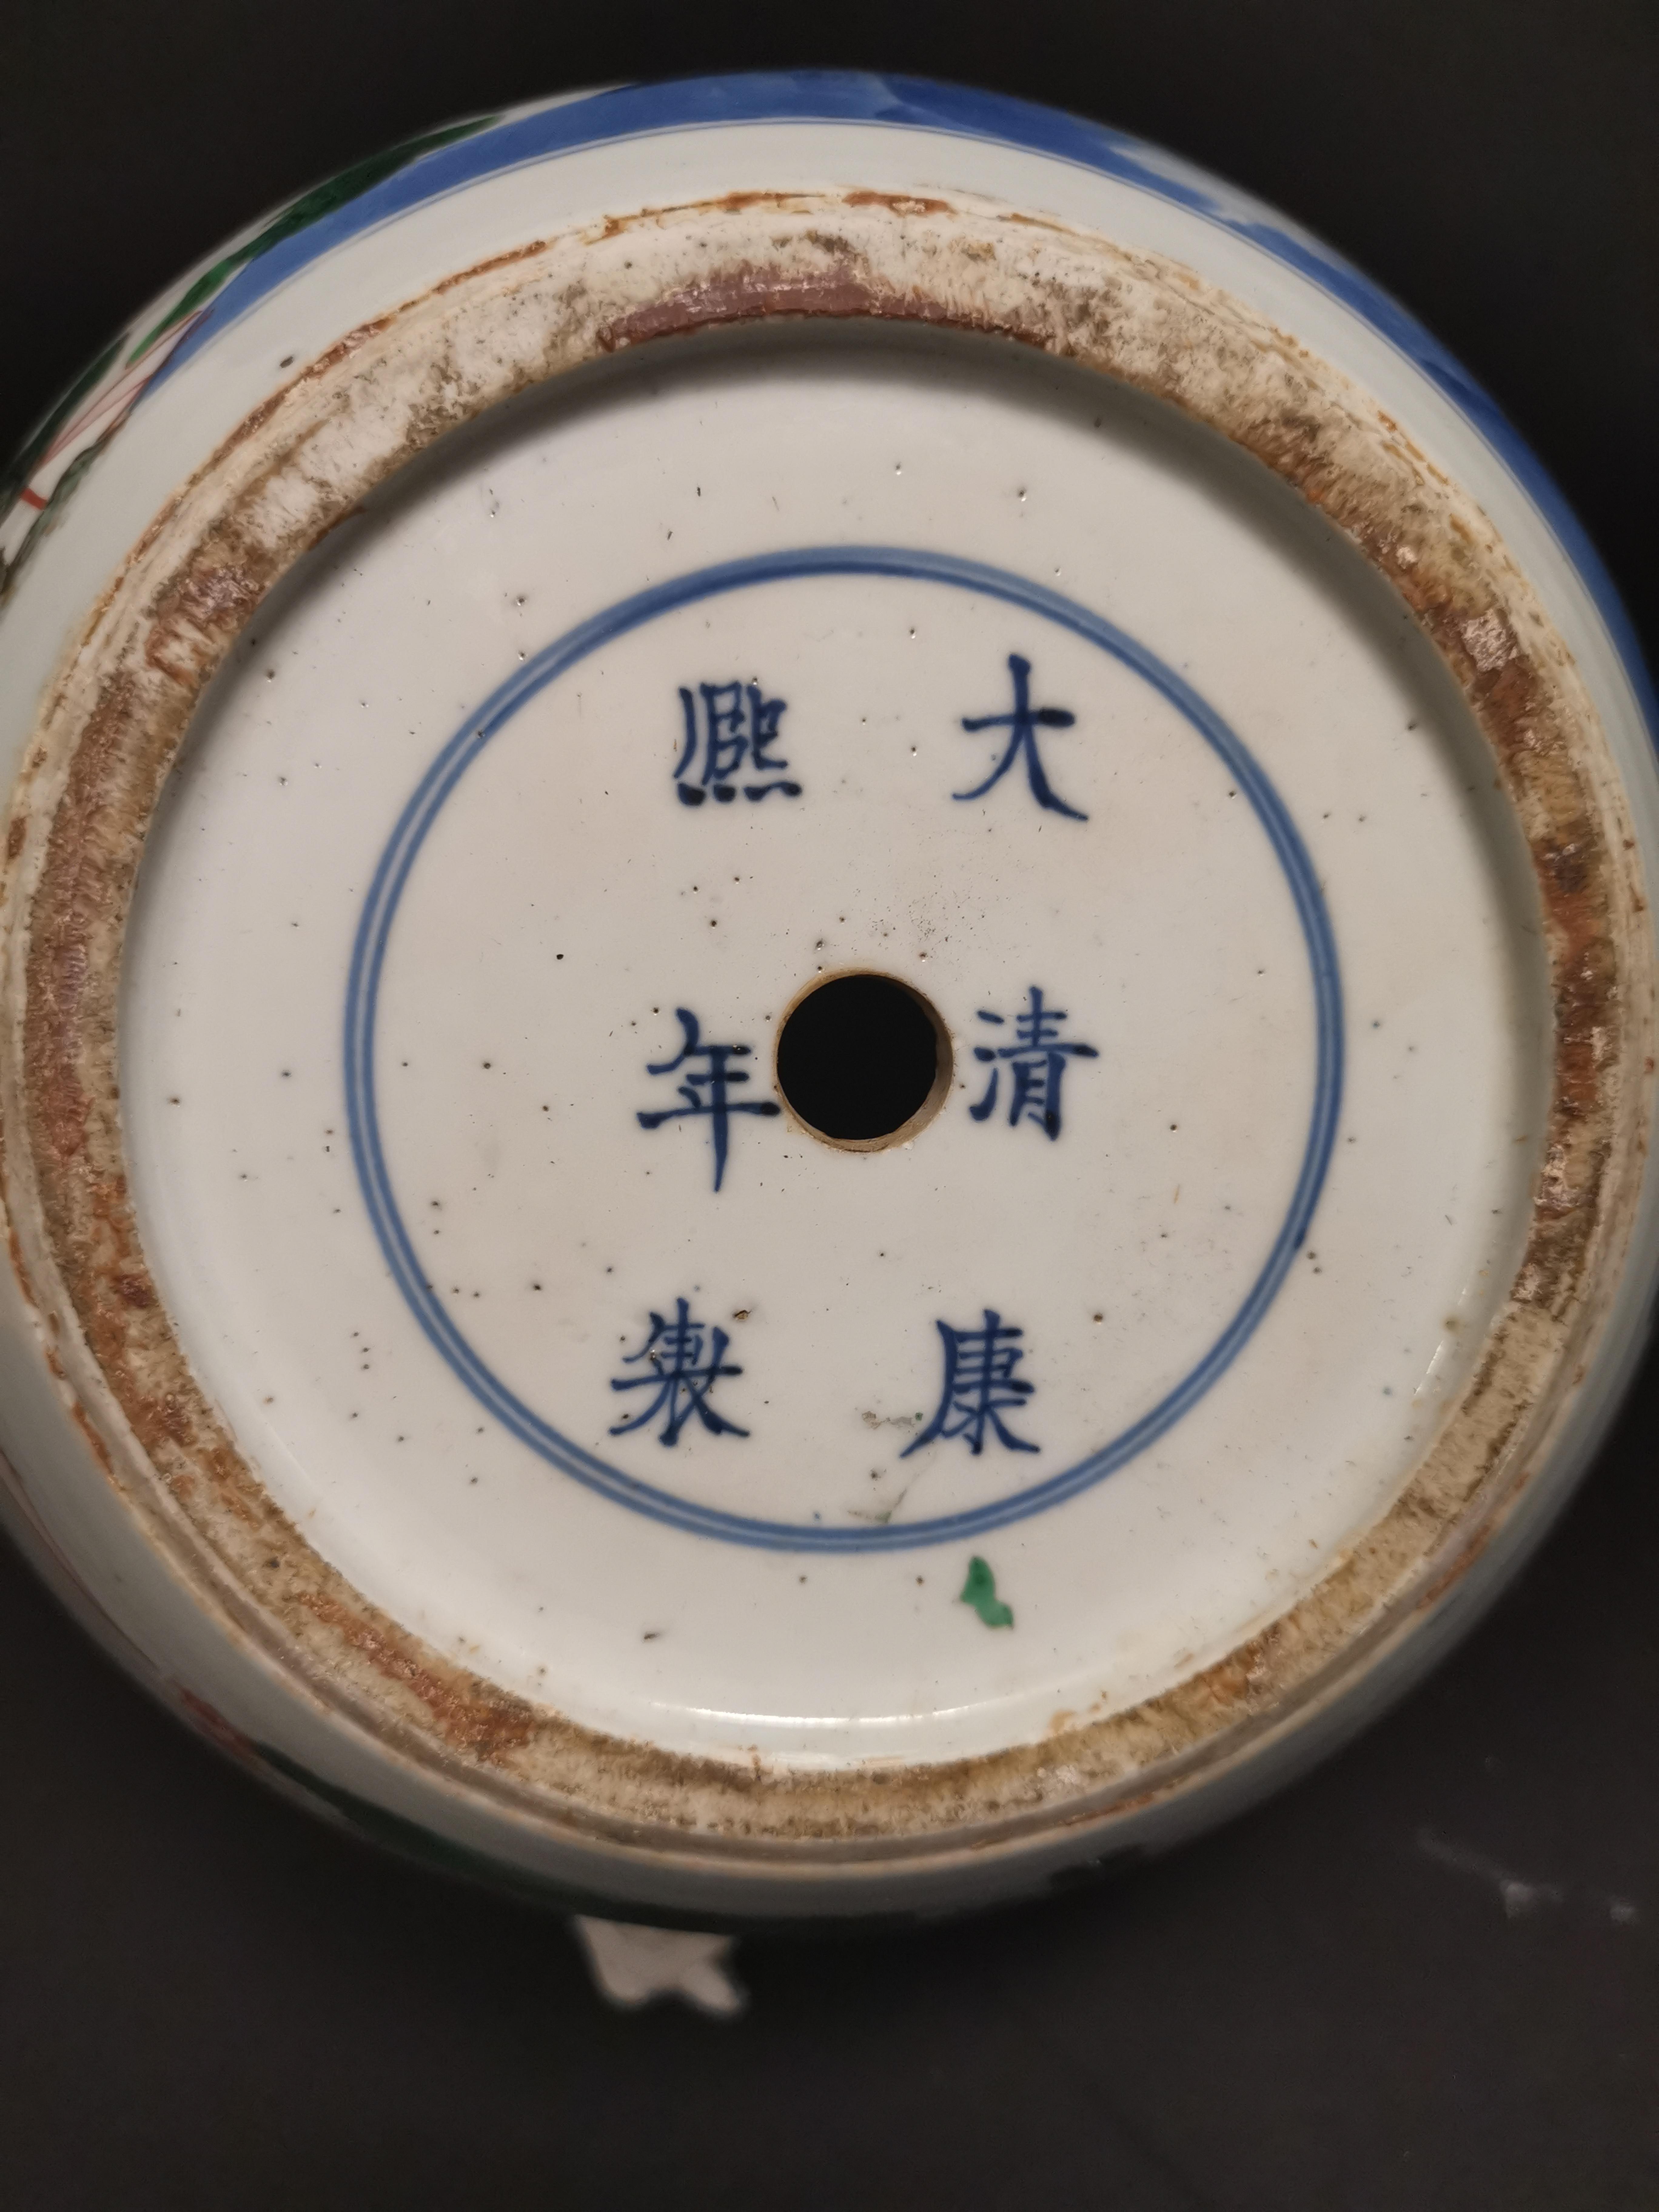 Paire de vases en porcelaine Wucai Chine, XIXème siècle La panse globulaire, à [...] - Image 5 of 6